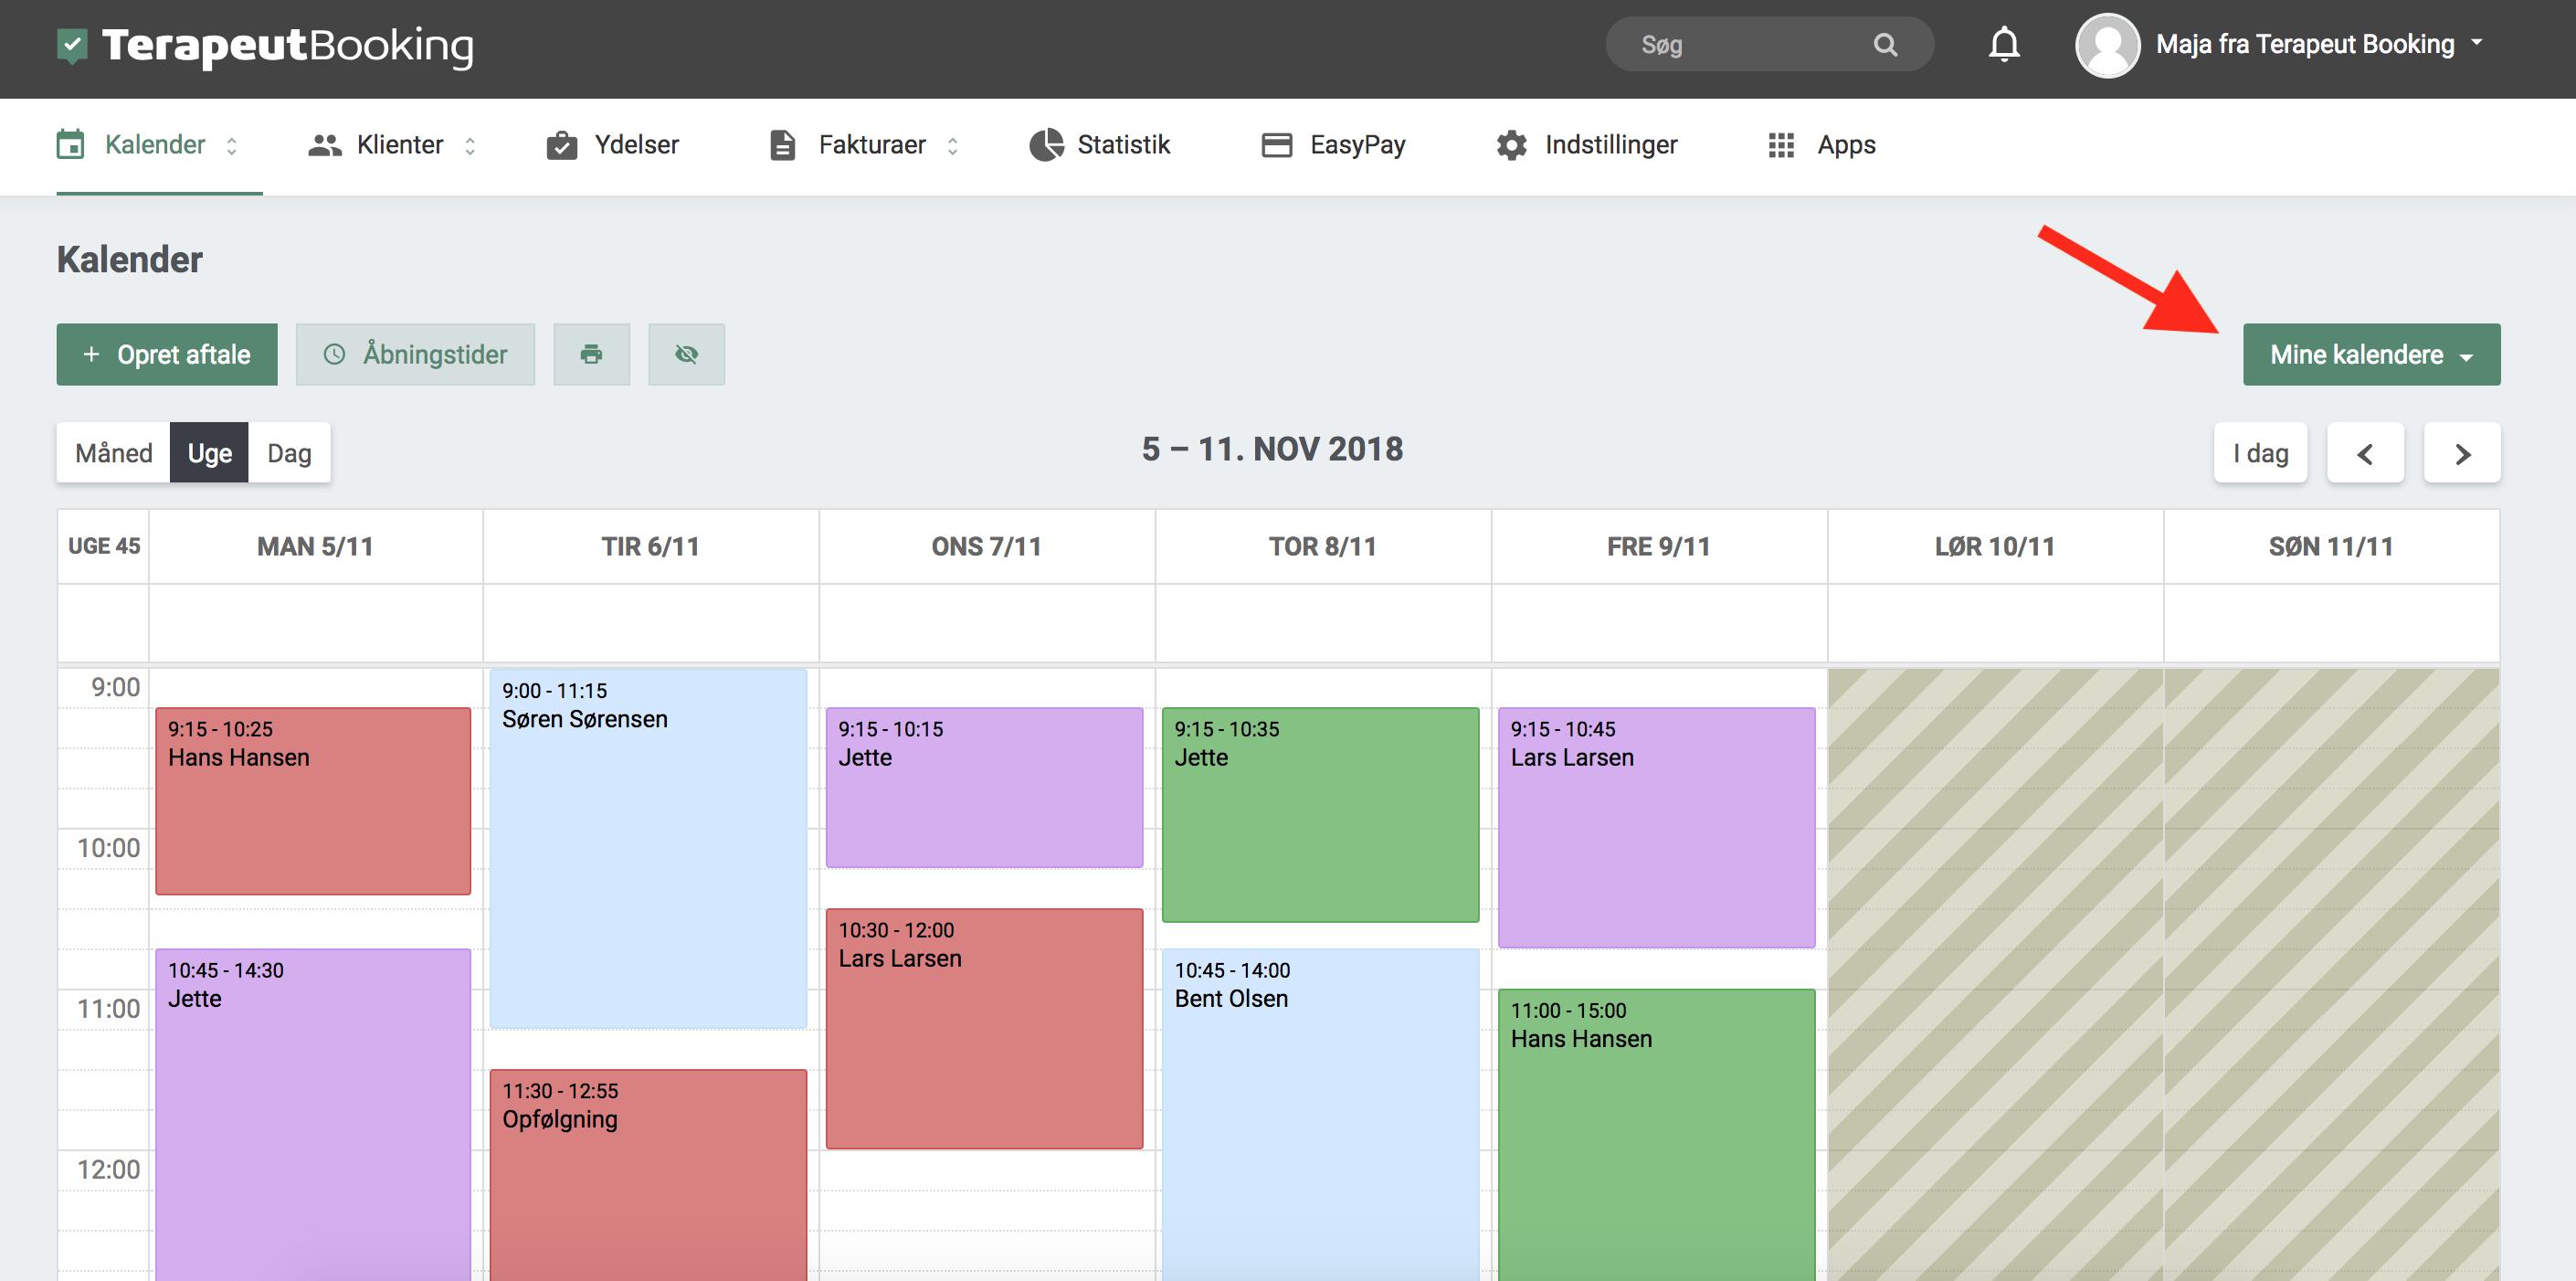 082d222f Når man klikker på knappen, vises der en dialog-boks, som indeholder de  kalendere, man har oprettet. Ved at klikke på den enkelte kalender, ...